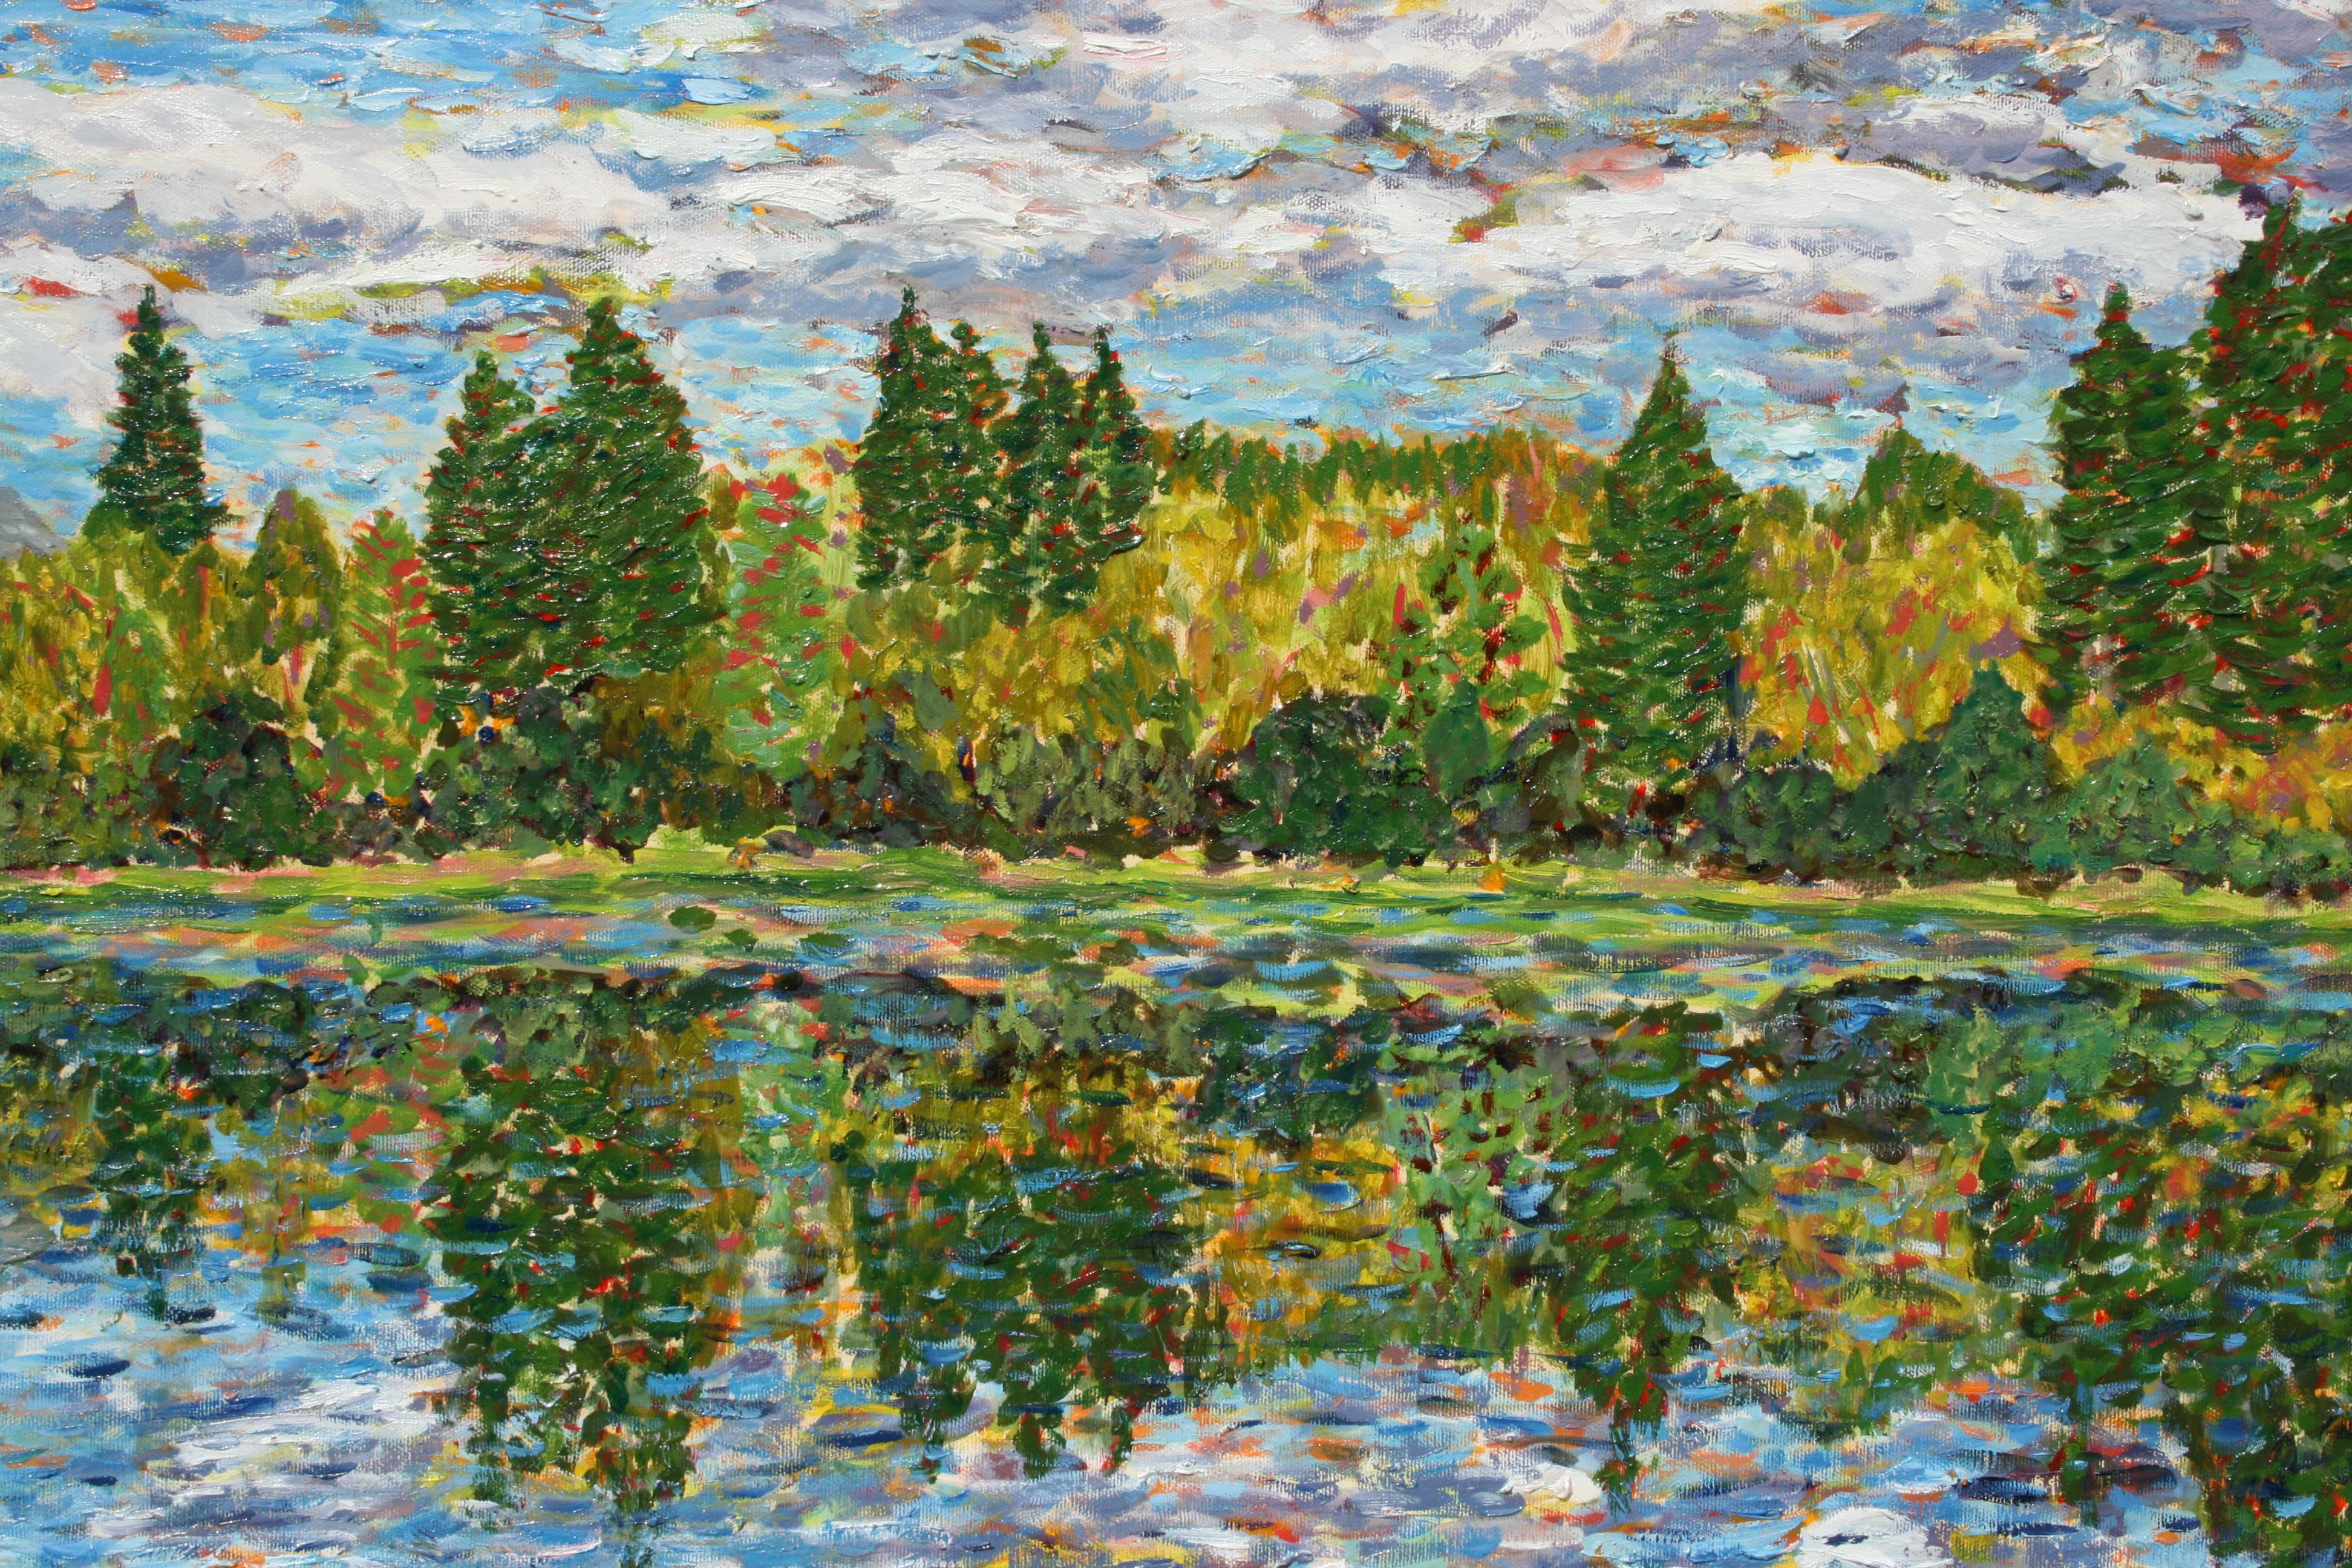 Swan River (detail)